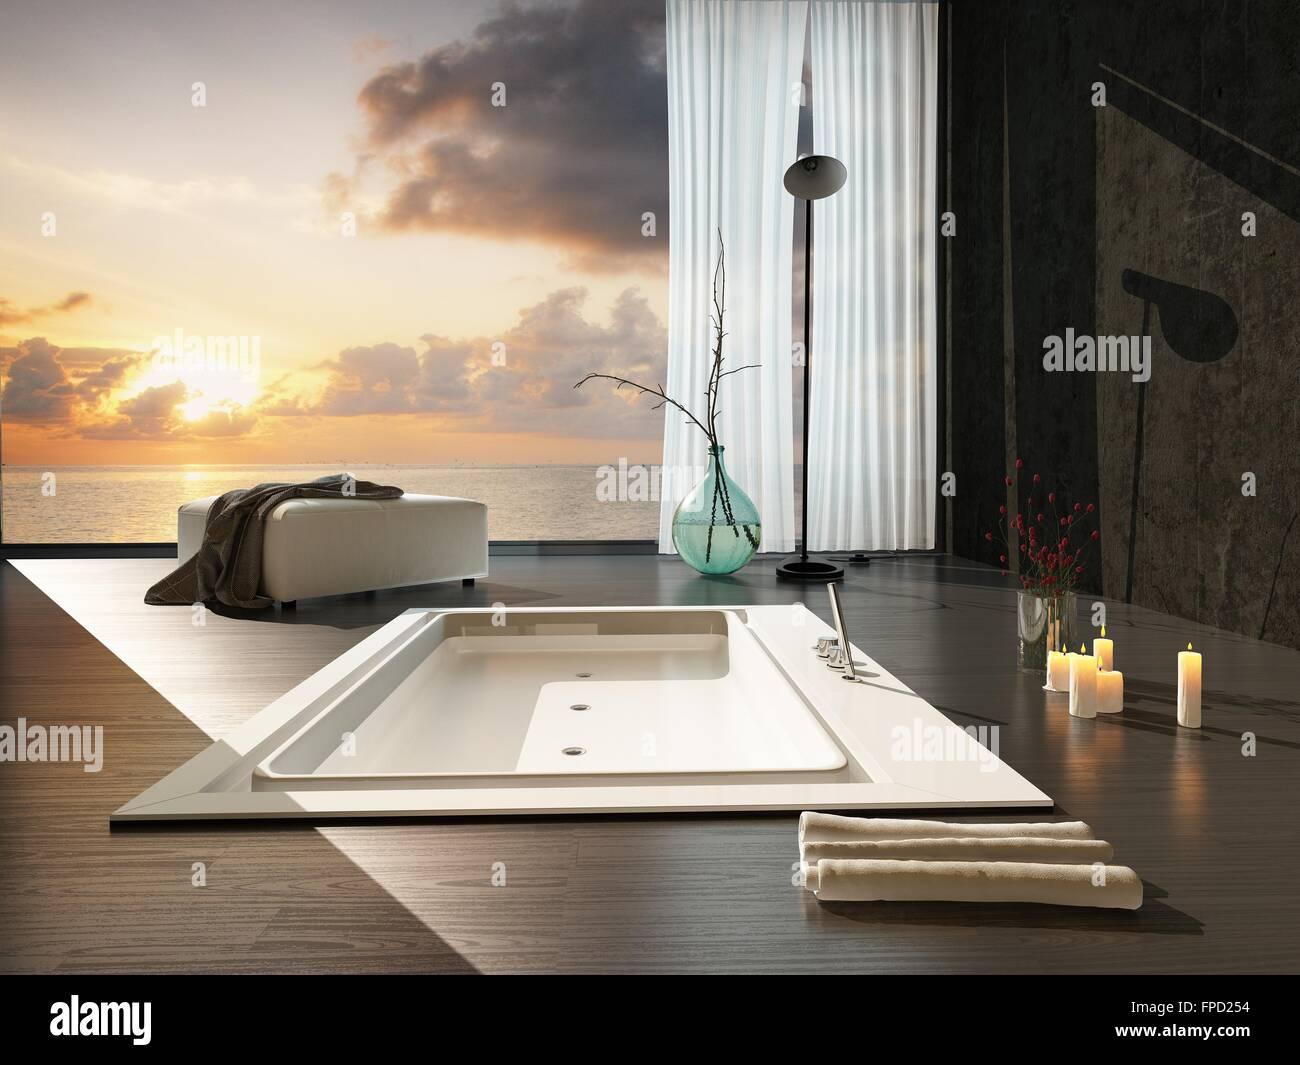 Romantisches Badezimmer Interieur Bei Sonnenuntergang Mit Blick Auf